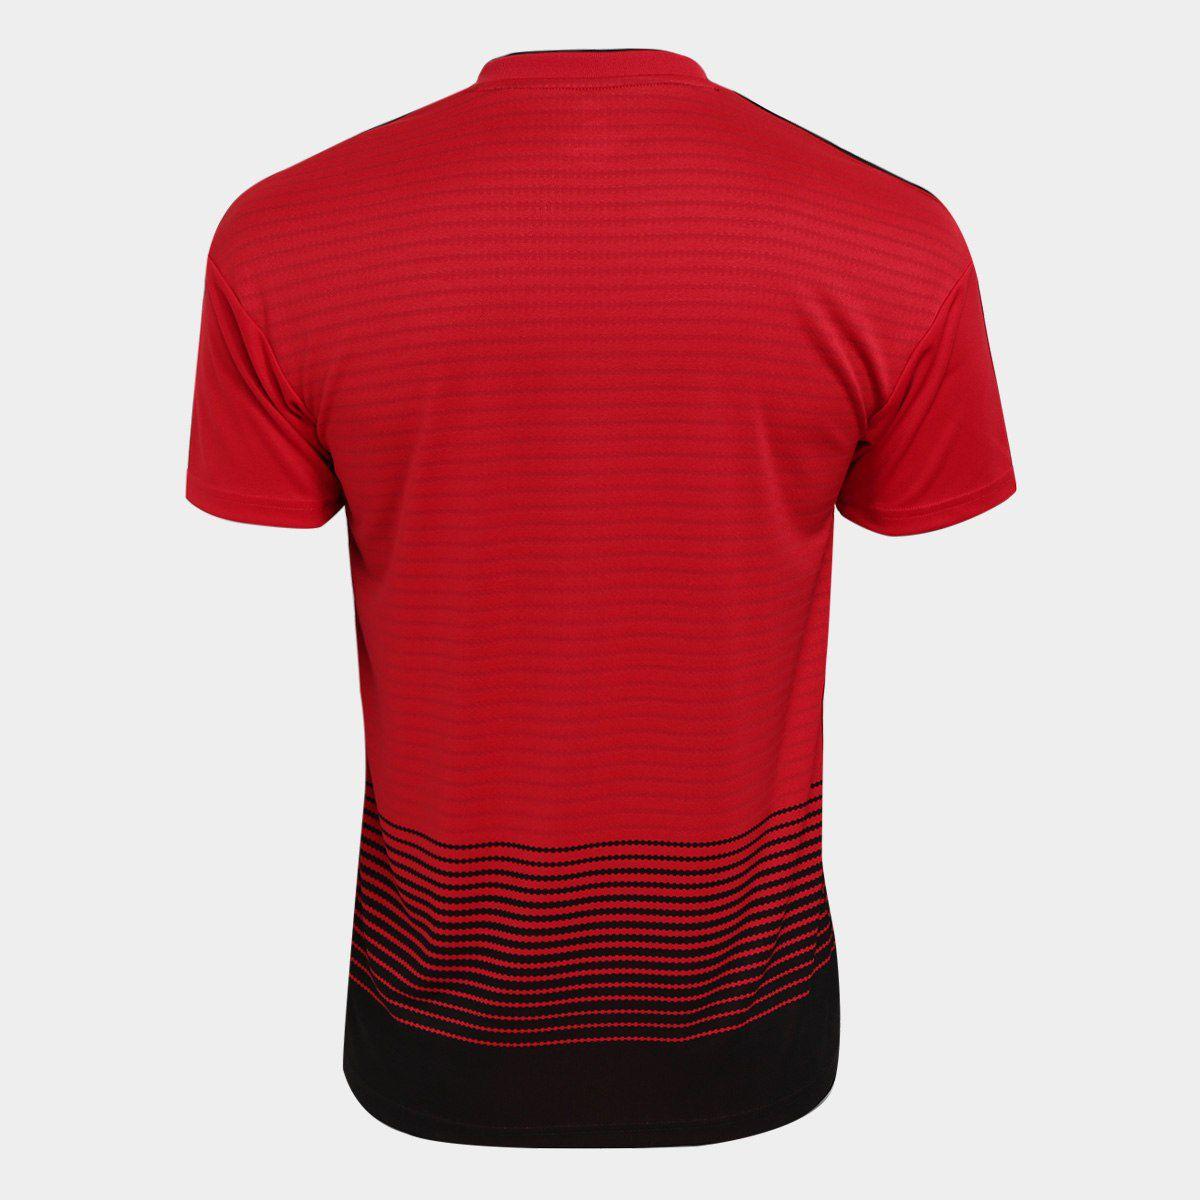 7670bd67b0 Camisa Manchester United 2018/19 adidas Original + Nfe - Titanes Esportes